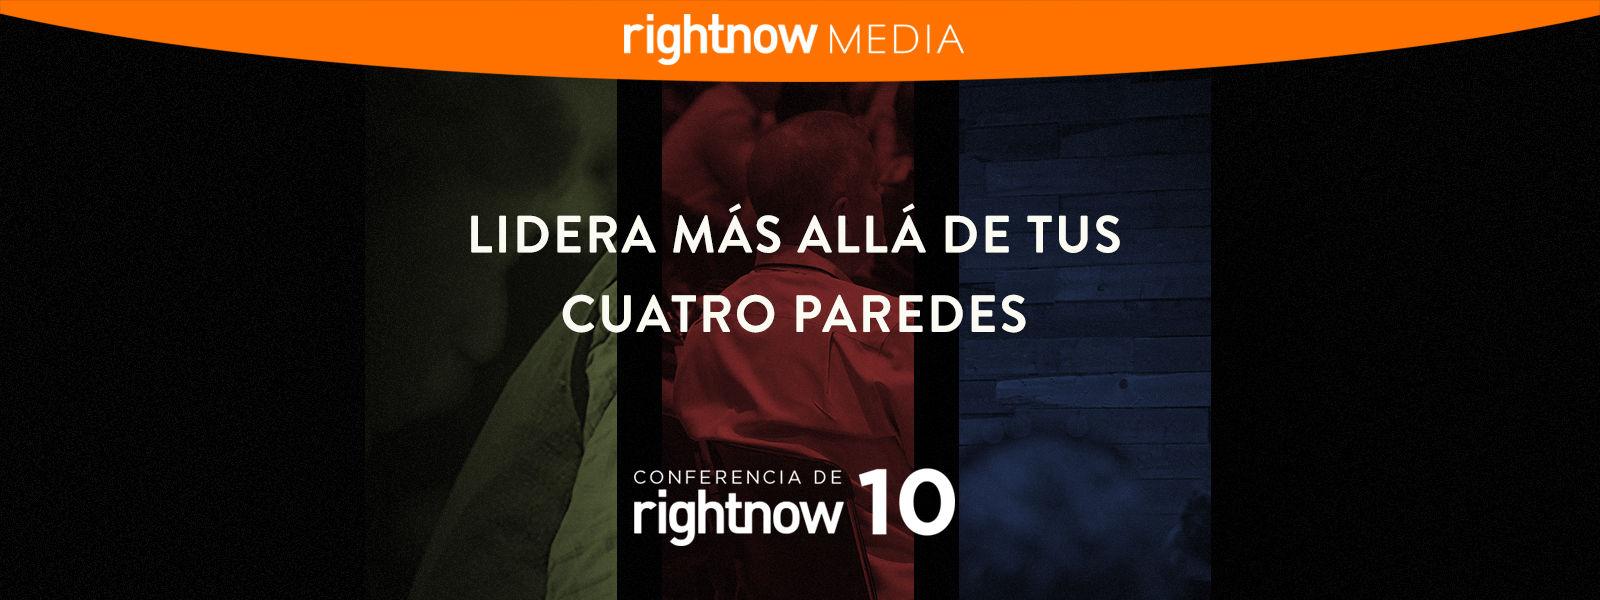 LIDERA MÁS ALLÁ DE TUS CUATRO PAREDES conferencia de RightNow